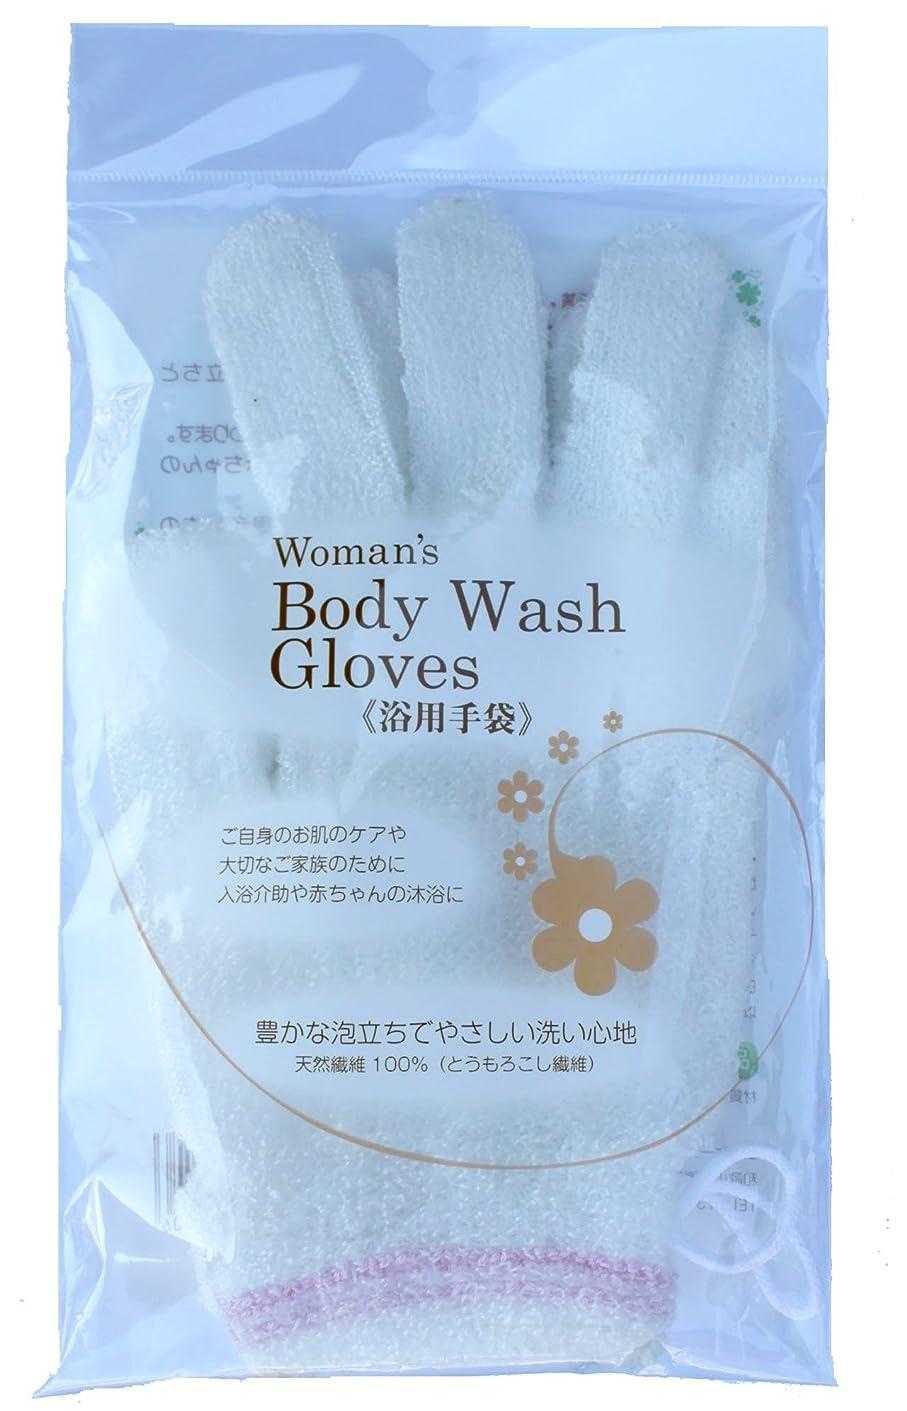 乗って常に照らすエフケー工業 Body Wash Gloves (浴用手袋)